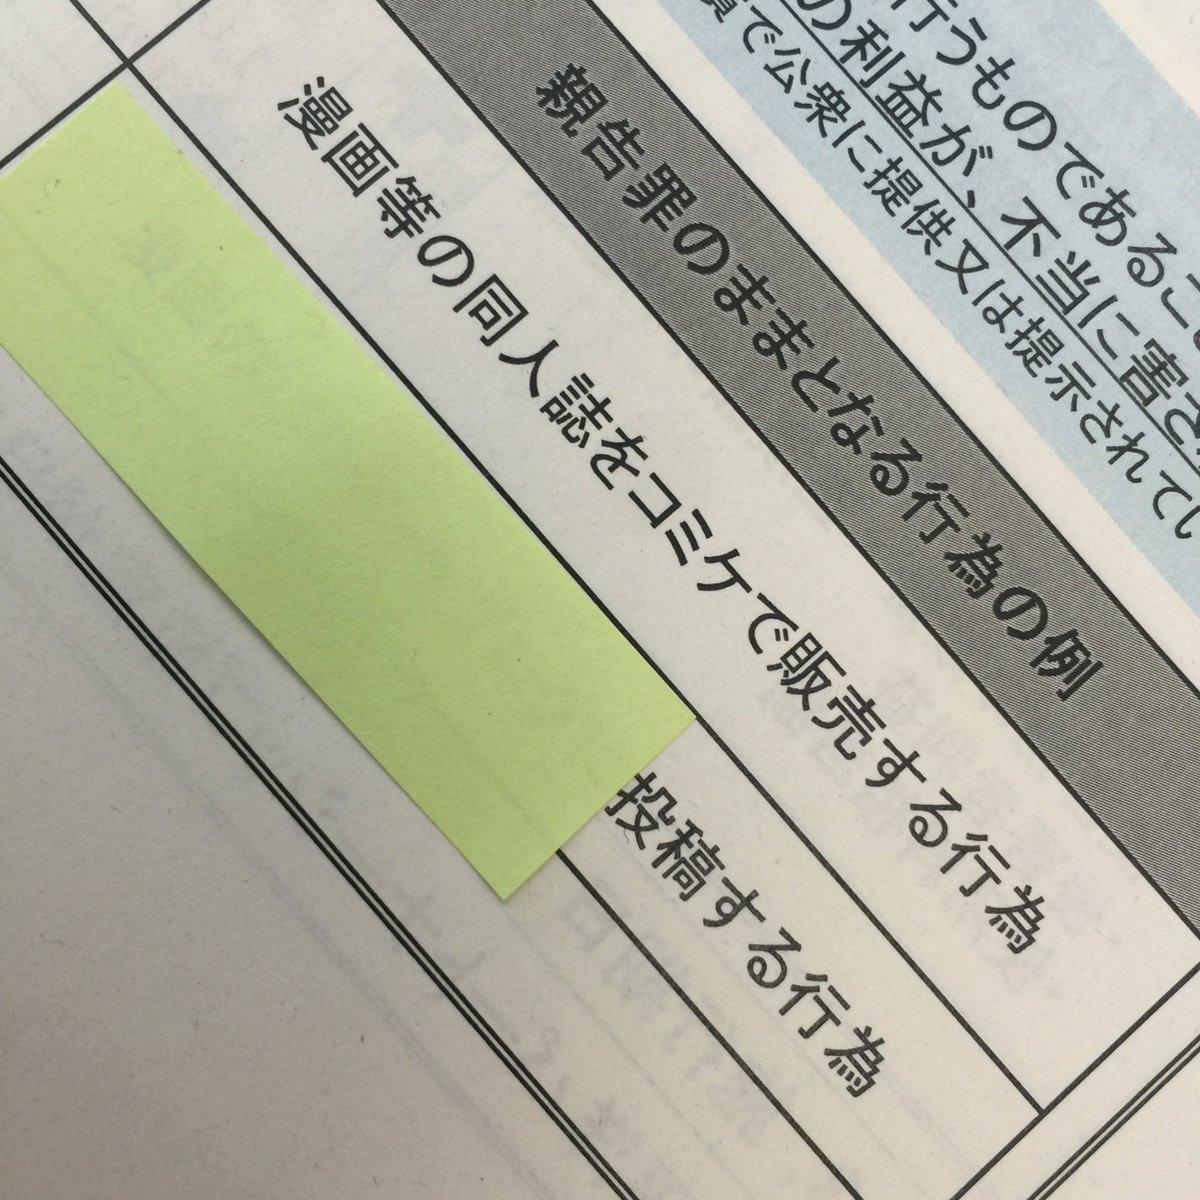 政府資料に何の注釈もなく「コミケ」という言葉が出てきました。ここまで一般用語になったのかと感慨深いです。  TPPの著作権問題について、皆さんの声もあり、条文は極めて日本の現状を意識したものになりました。コミケは守られました!!! https://t.co/u61j8fKvXr